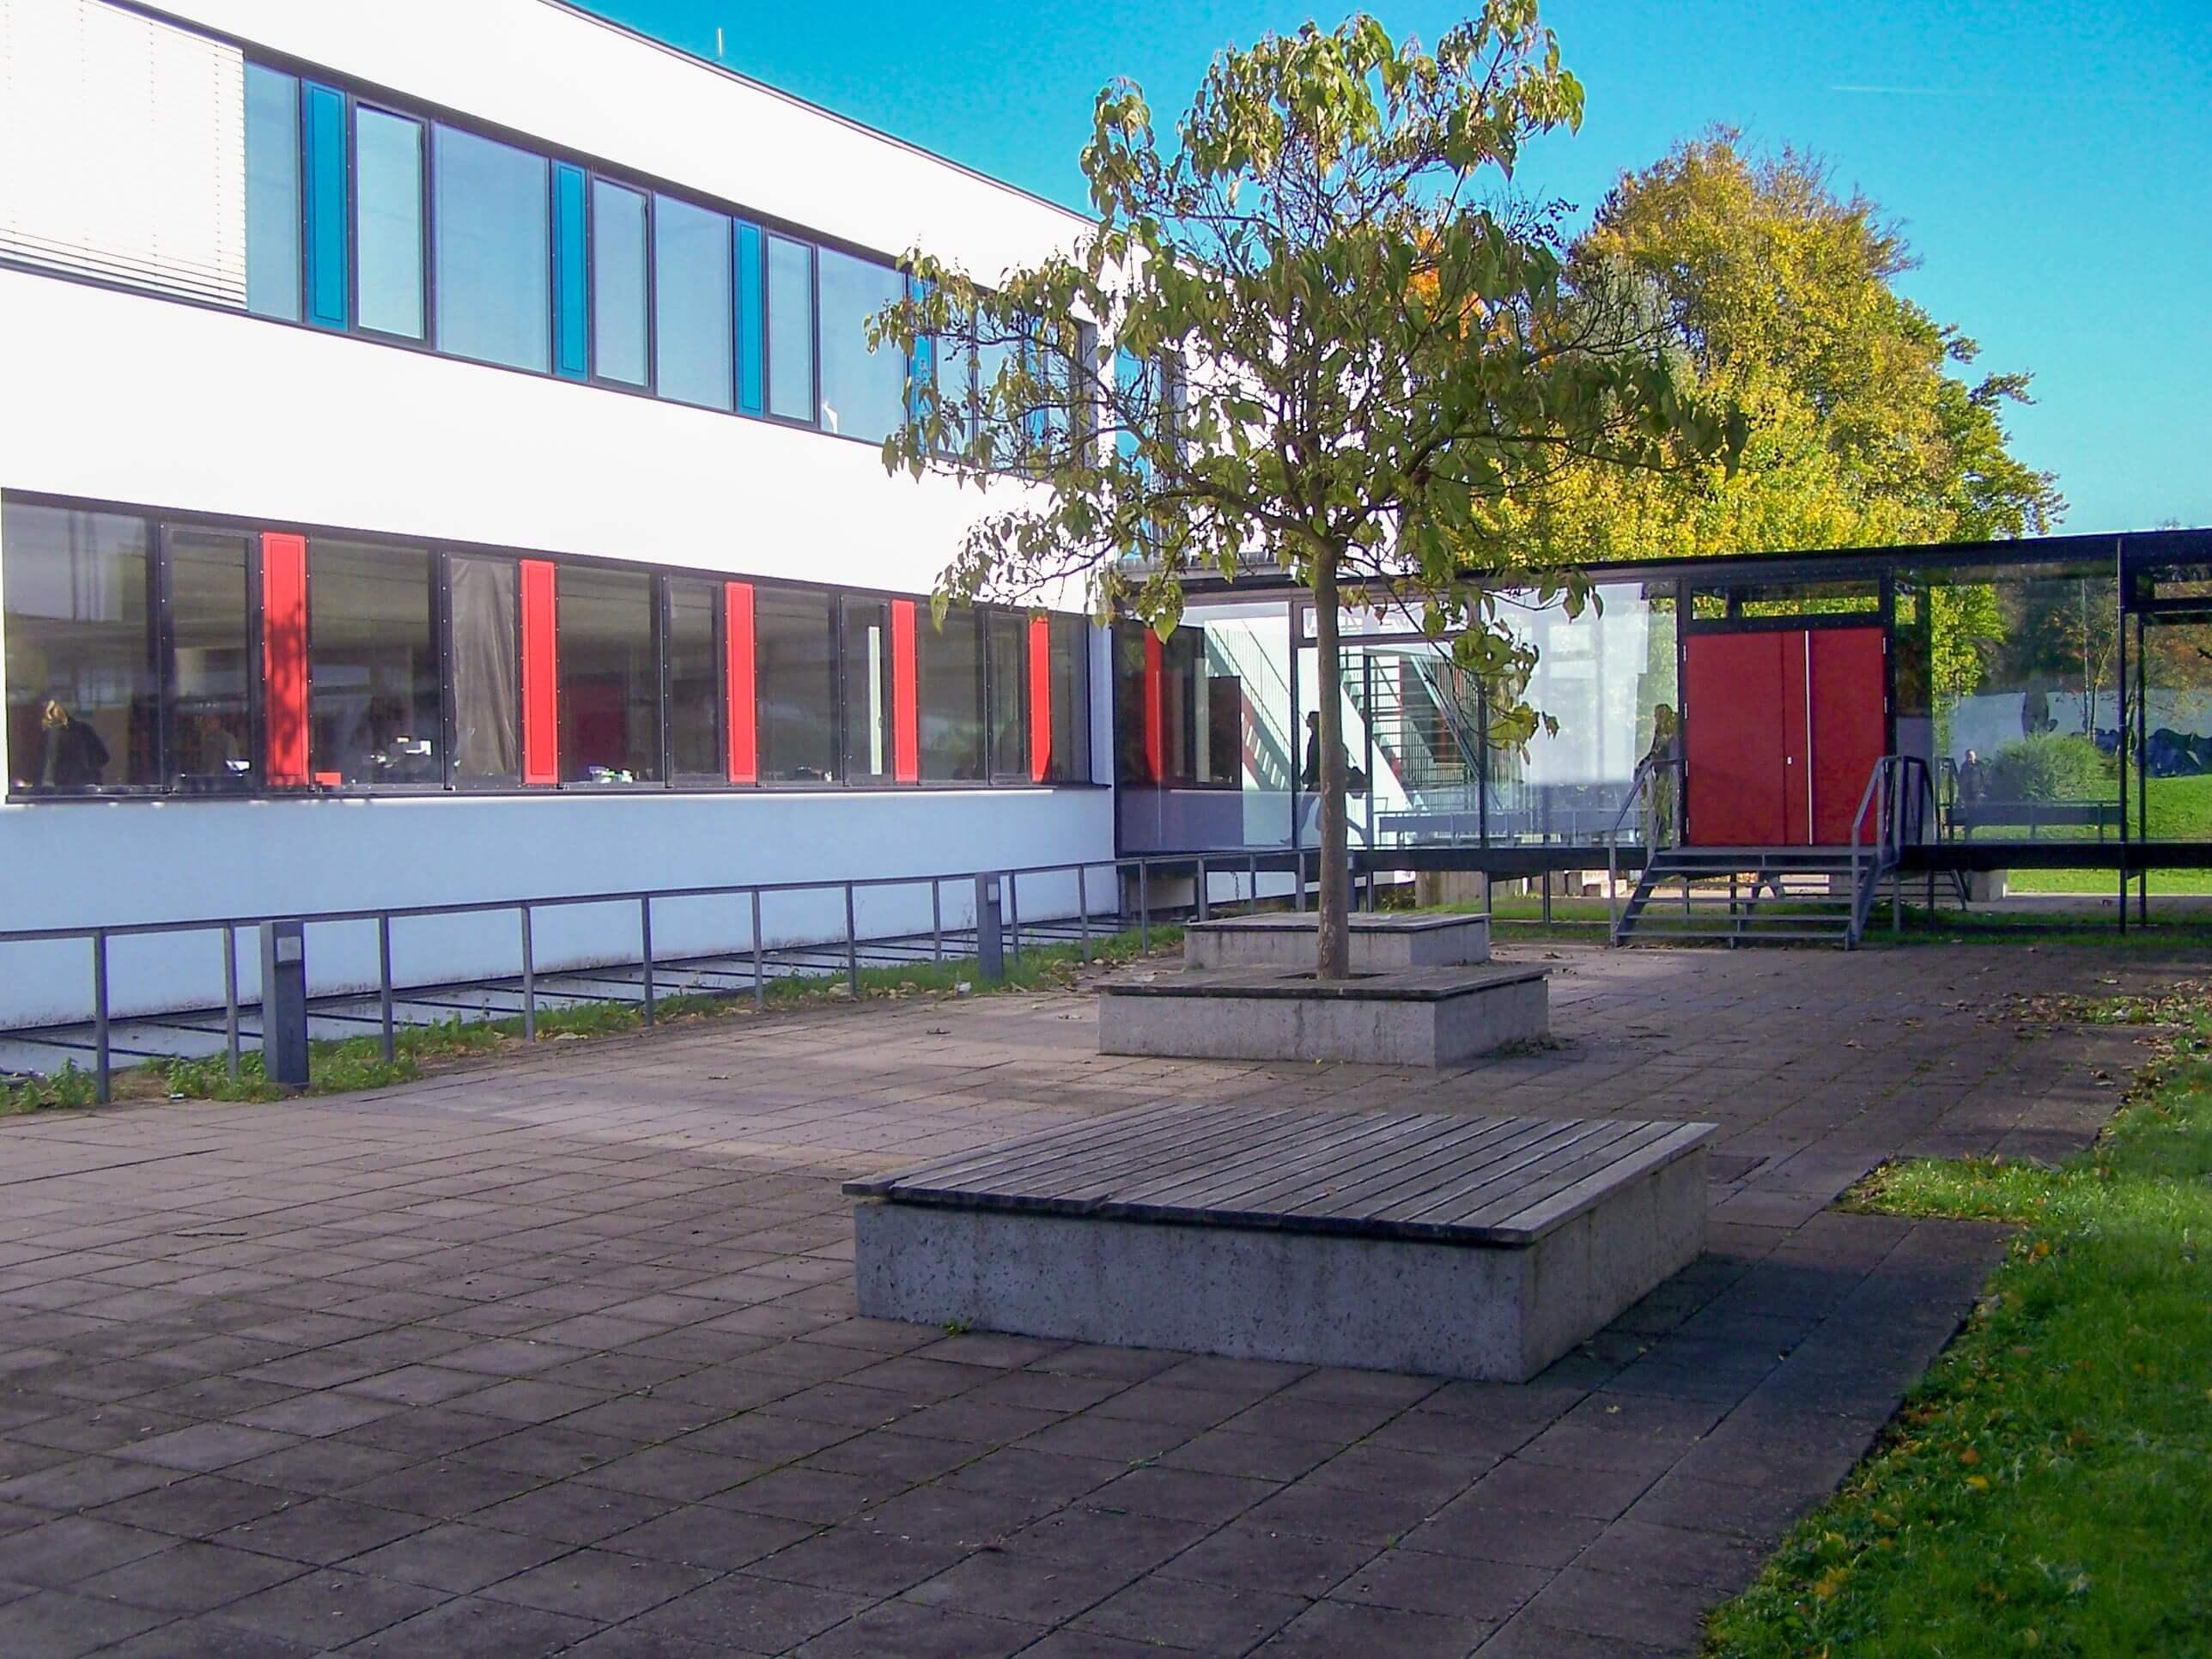 Bild vom inneren Schulhof